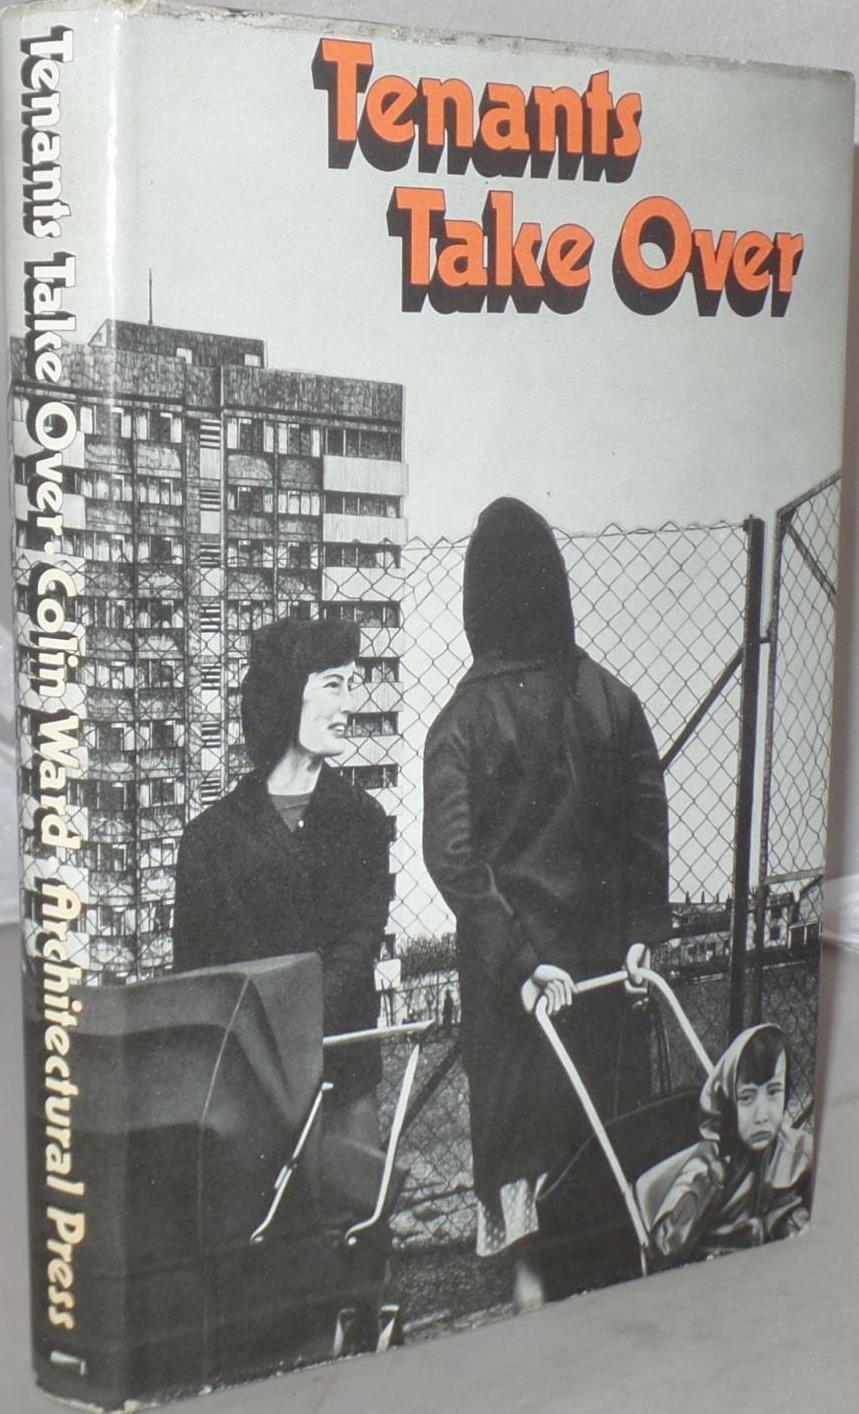 ISBN 0851396305